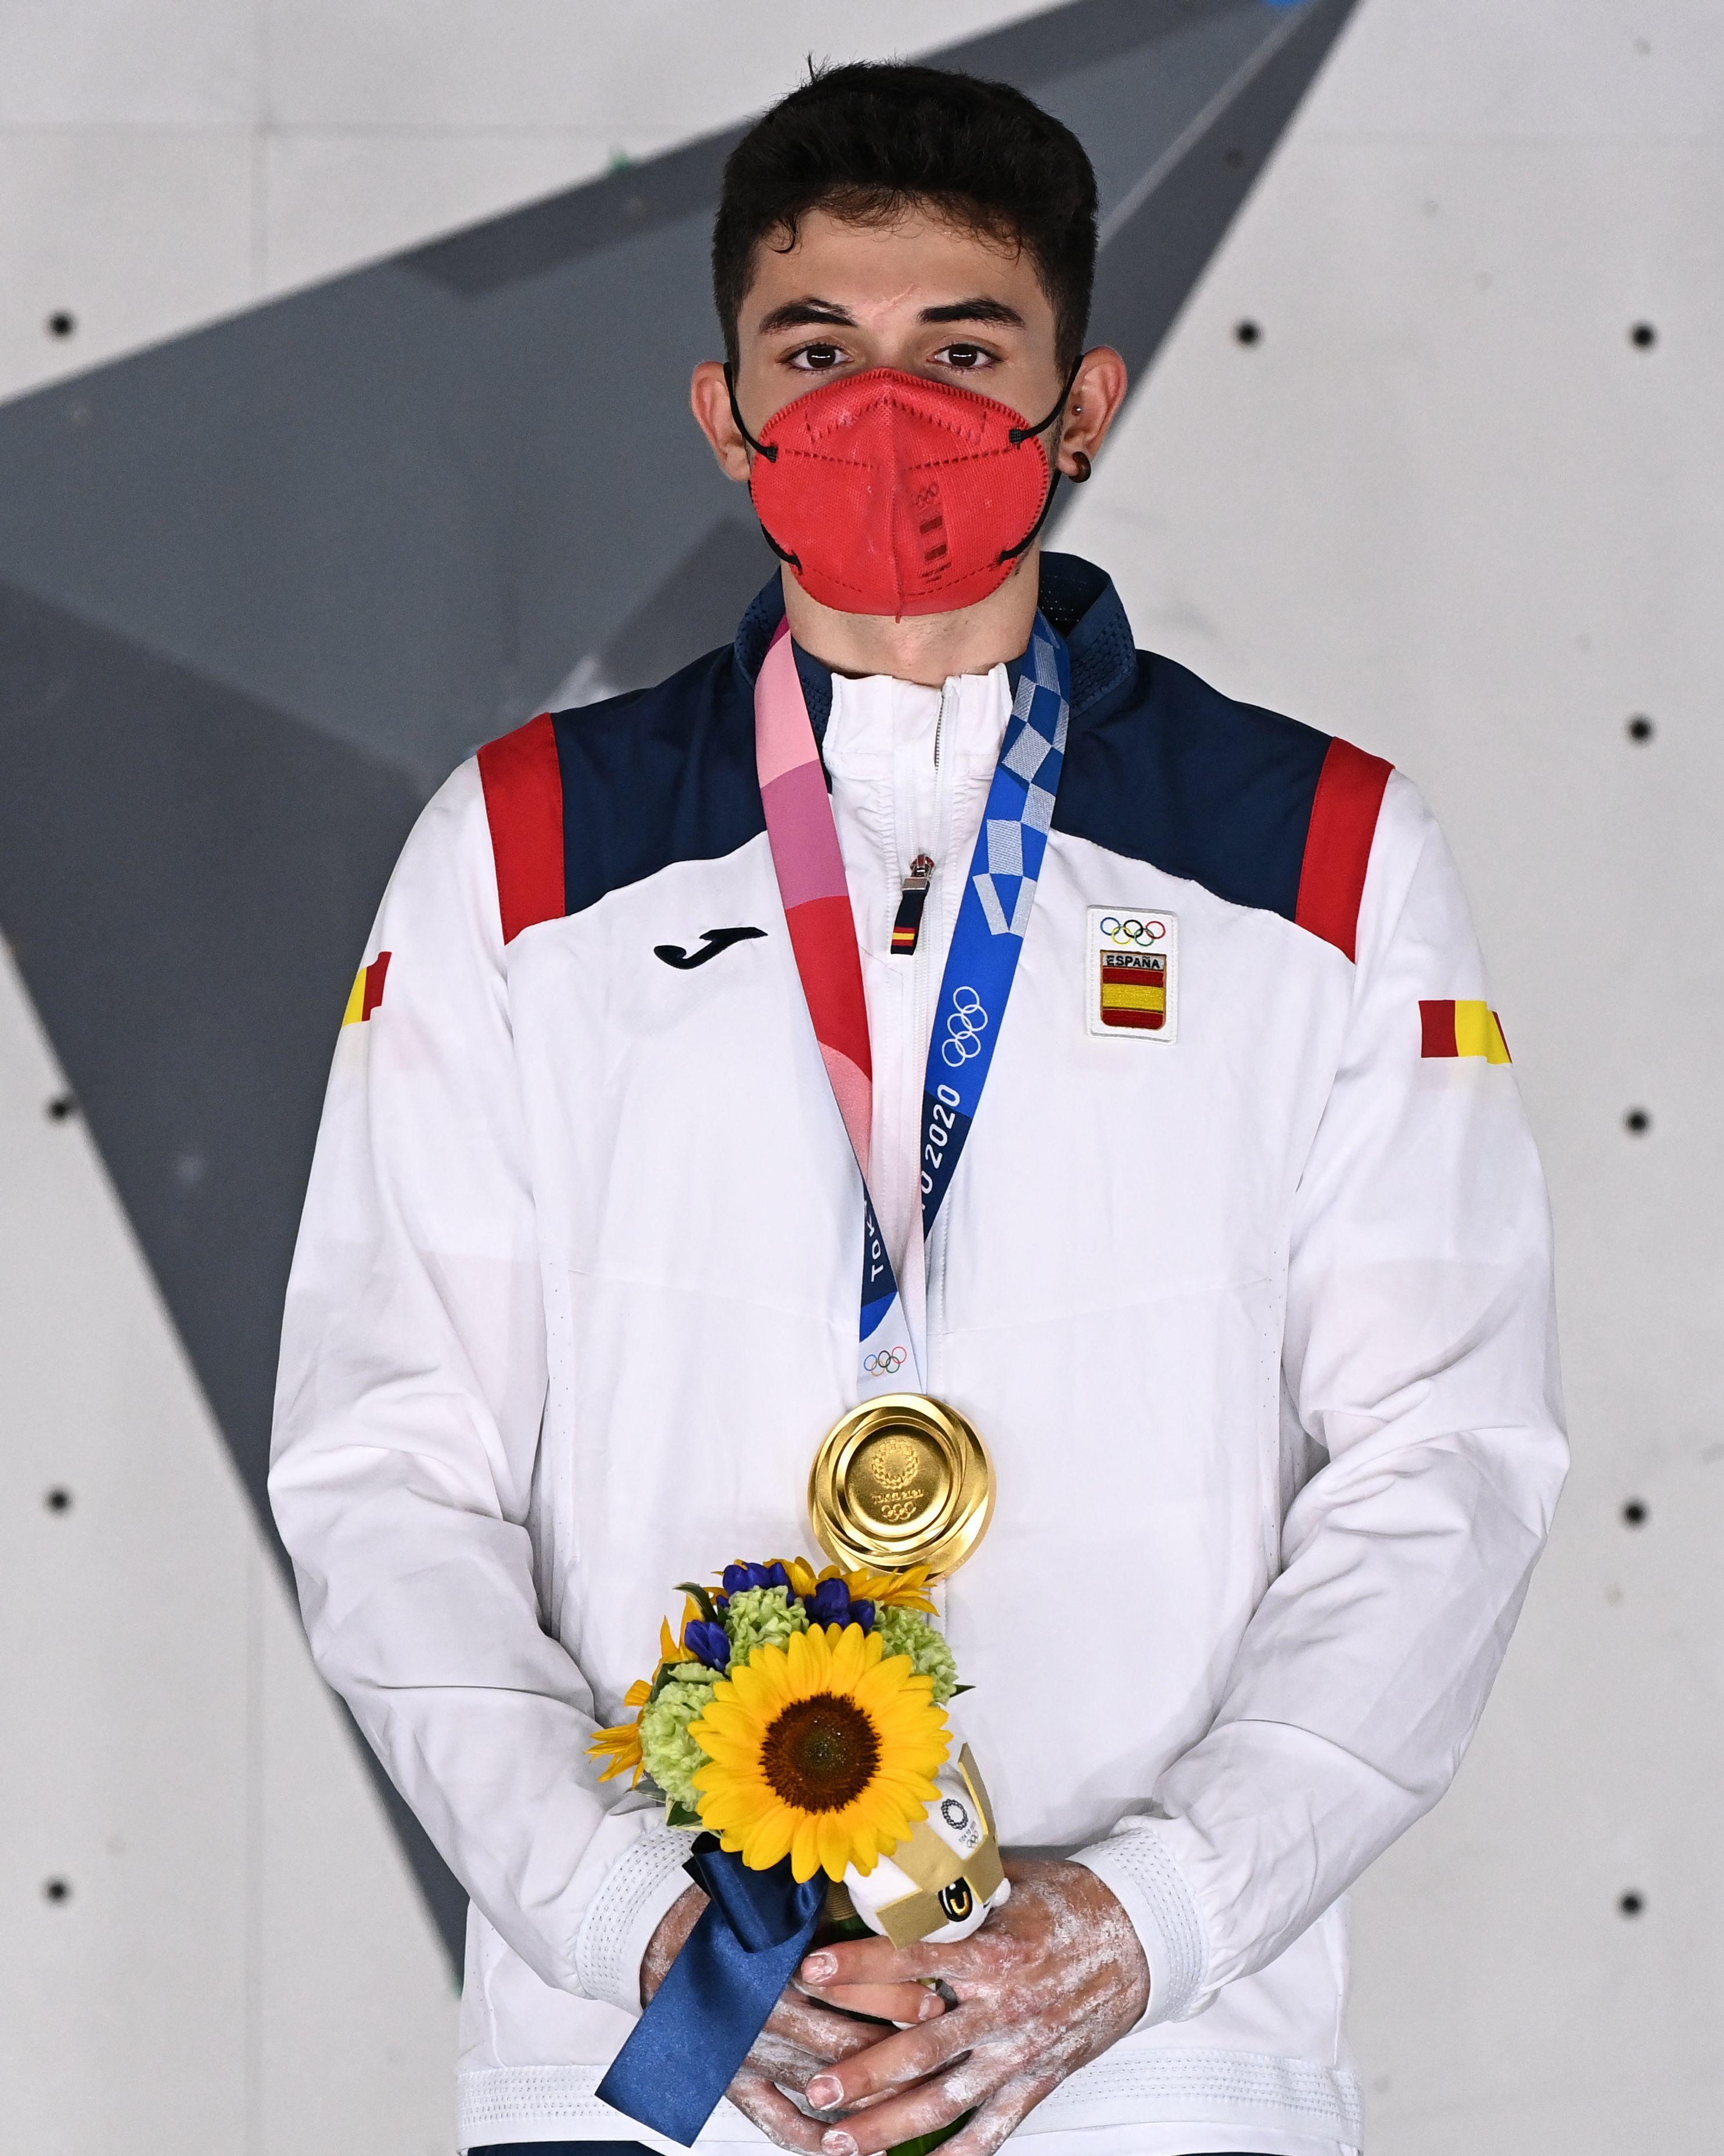 Alberto Ginés - escalada - Juegos Olímpicos 2021 - Tokio 2020